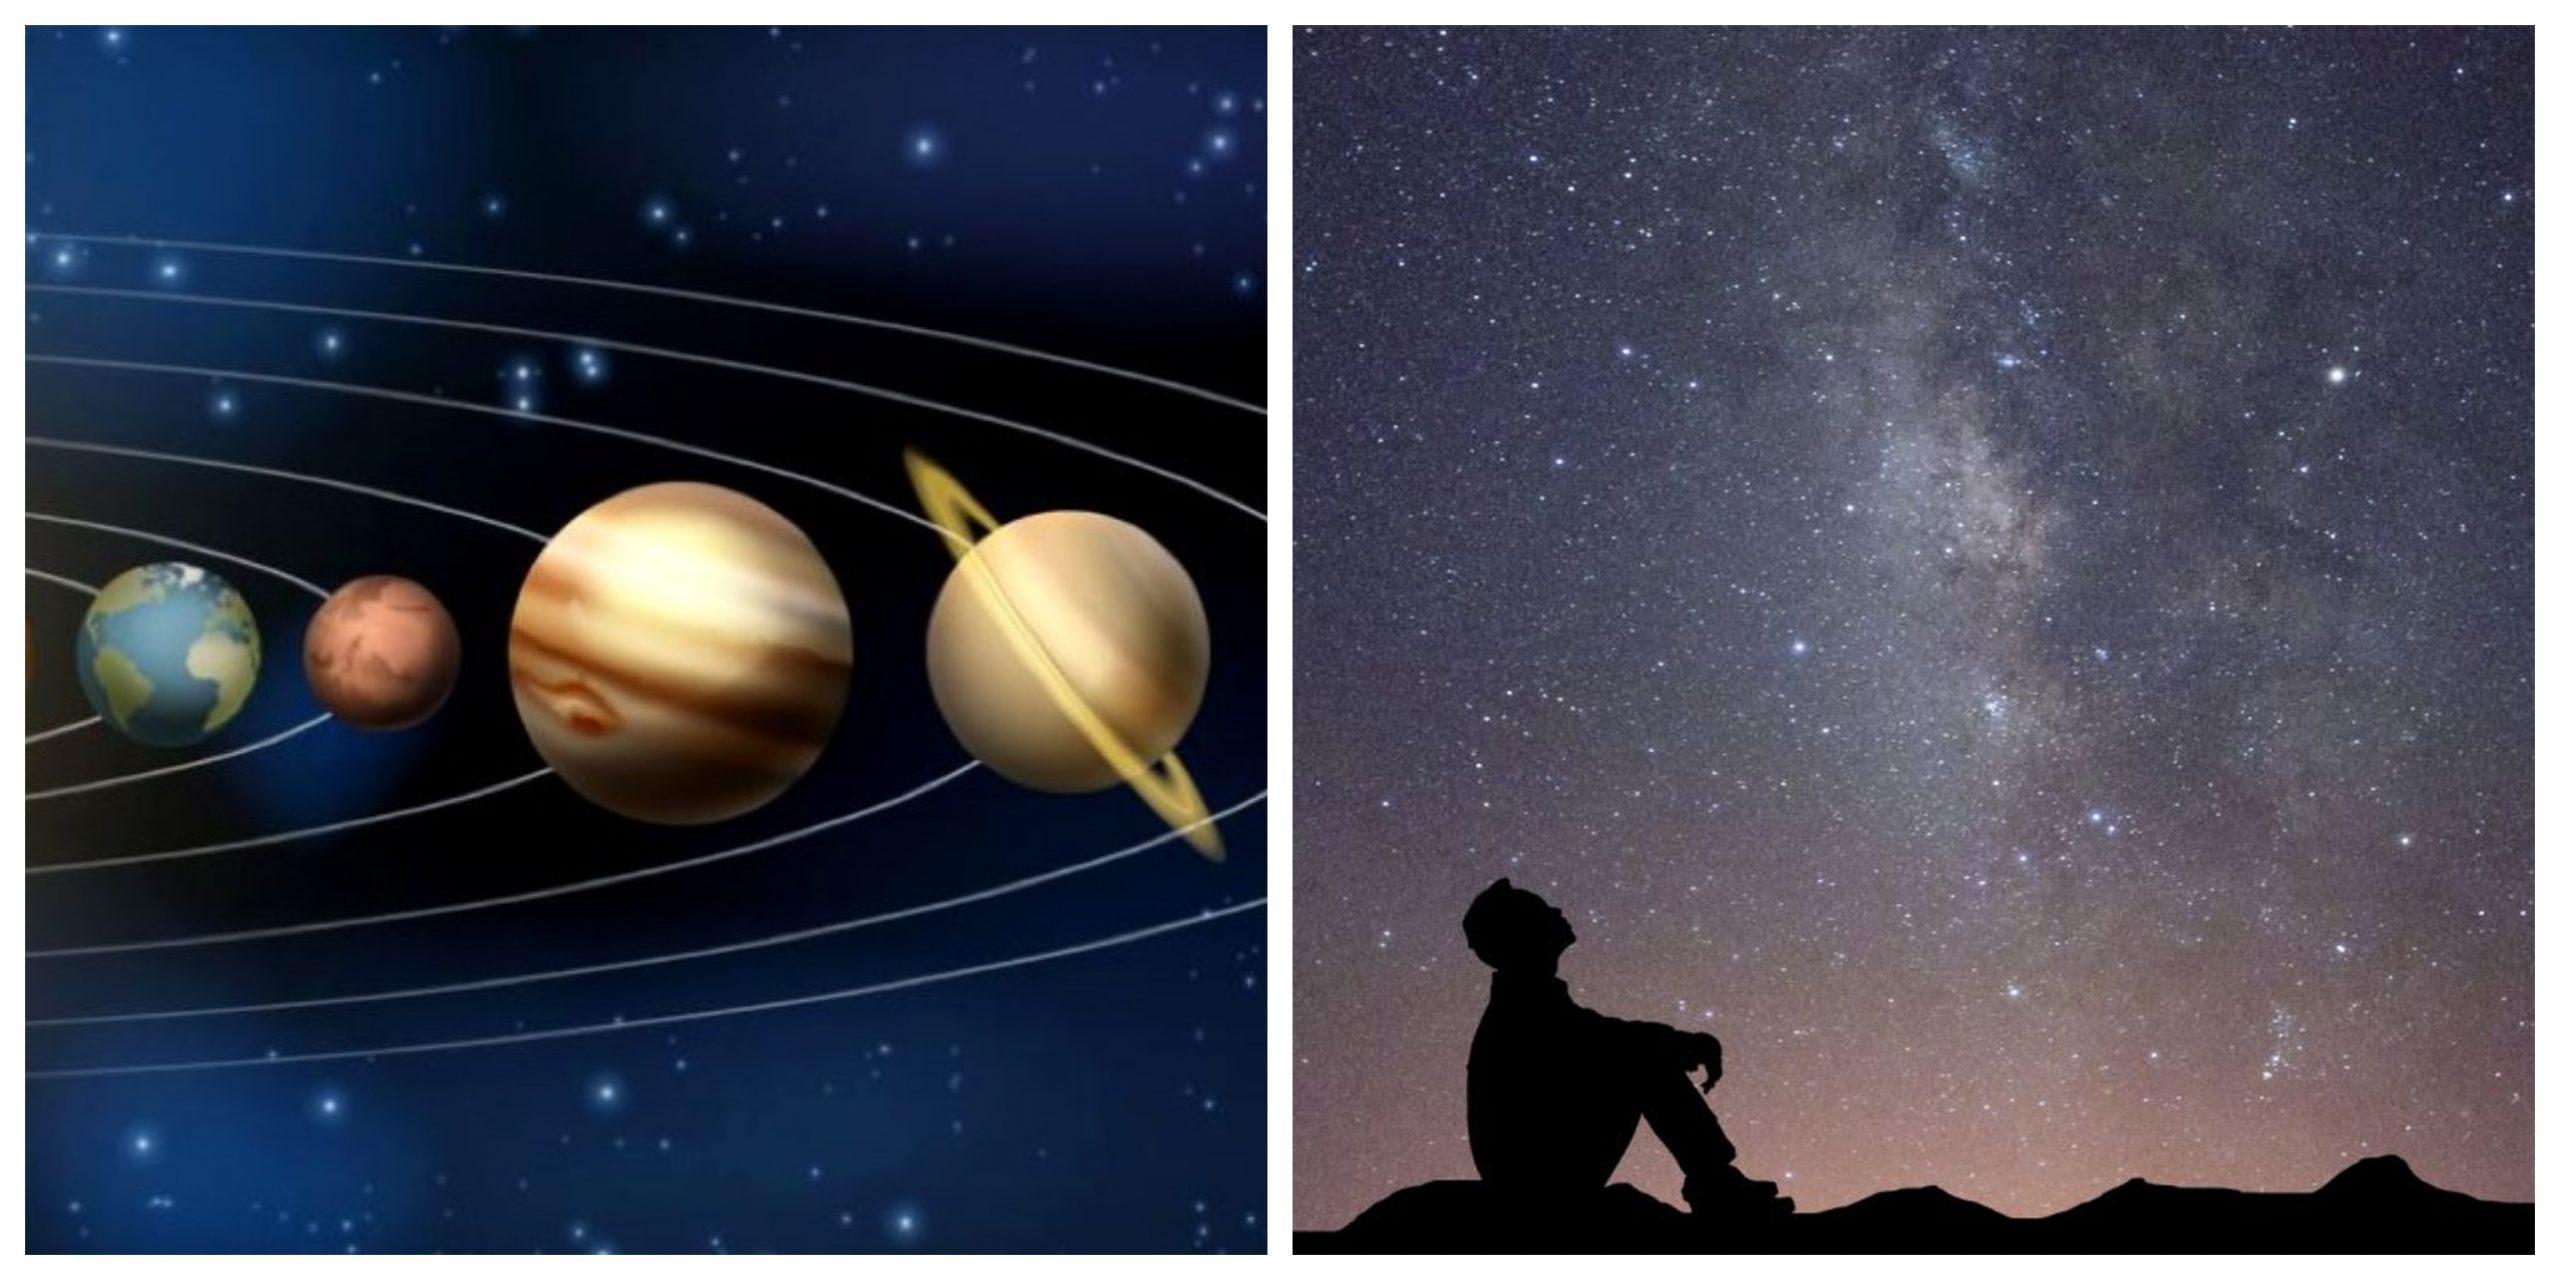 Alinierea extraordinară a planetelor pe 21 decembrie. Ce se întâmplă de Solstițiul de Iarnă